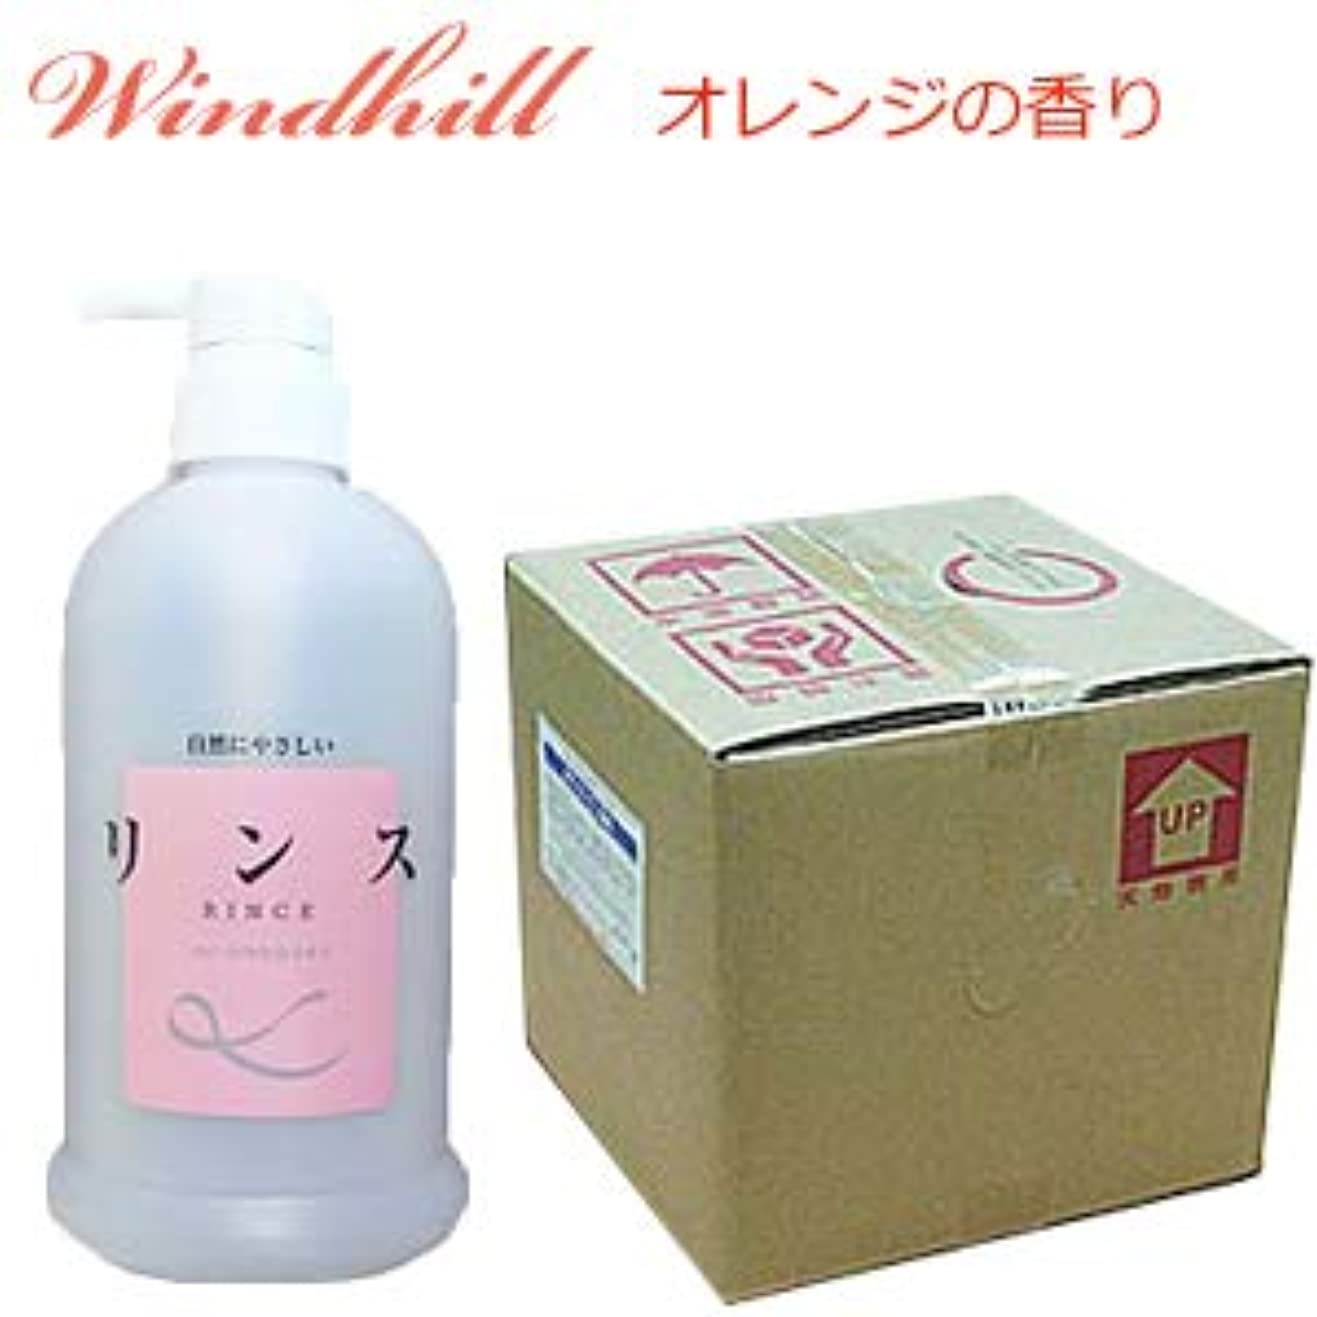 脱走遮る住所Windhill 植物性 業務用リンスオレンジの香り 20L(1セット20L入)